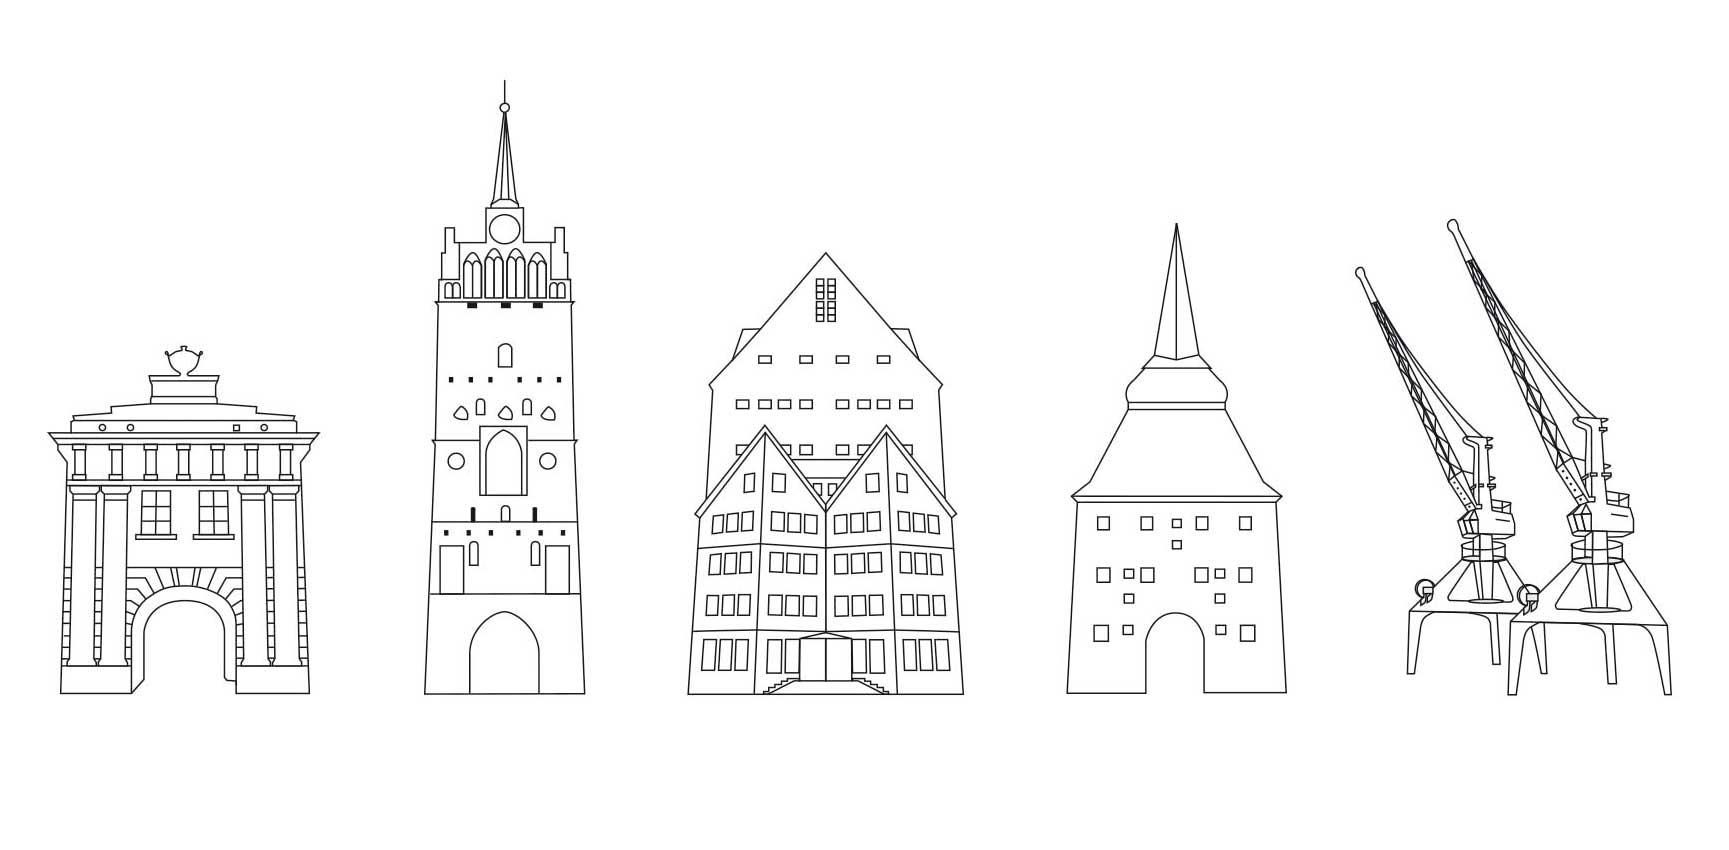 Vignetten: Hansestadt Rostock